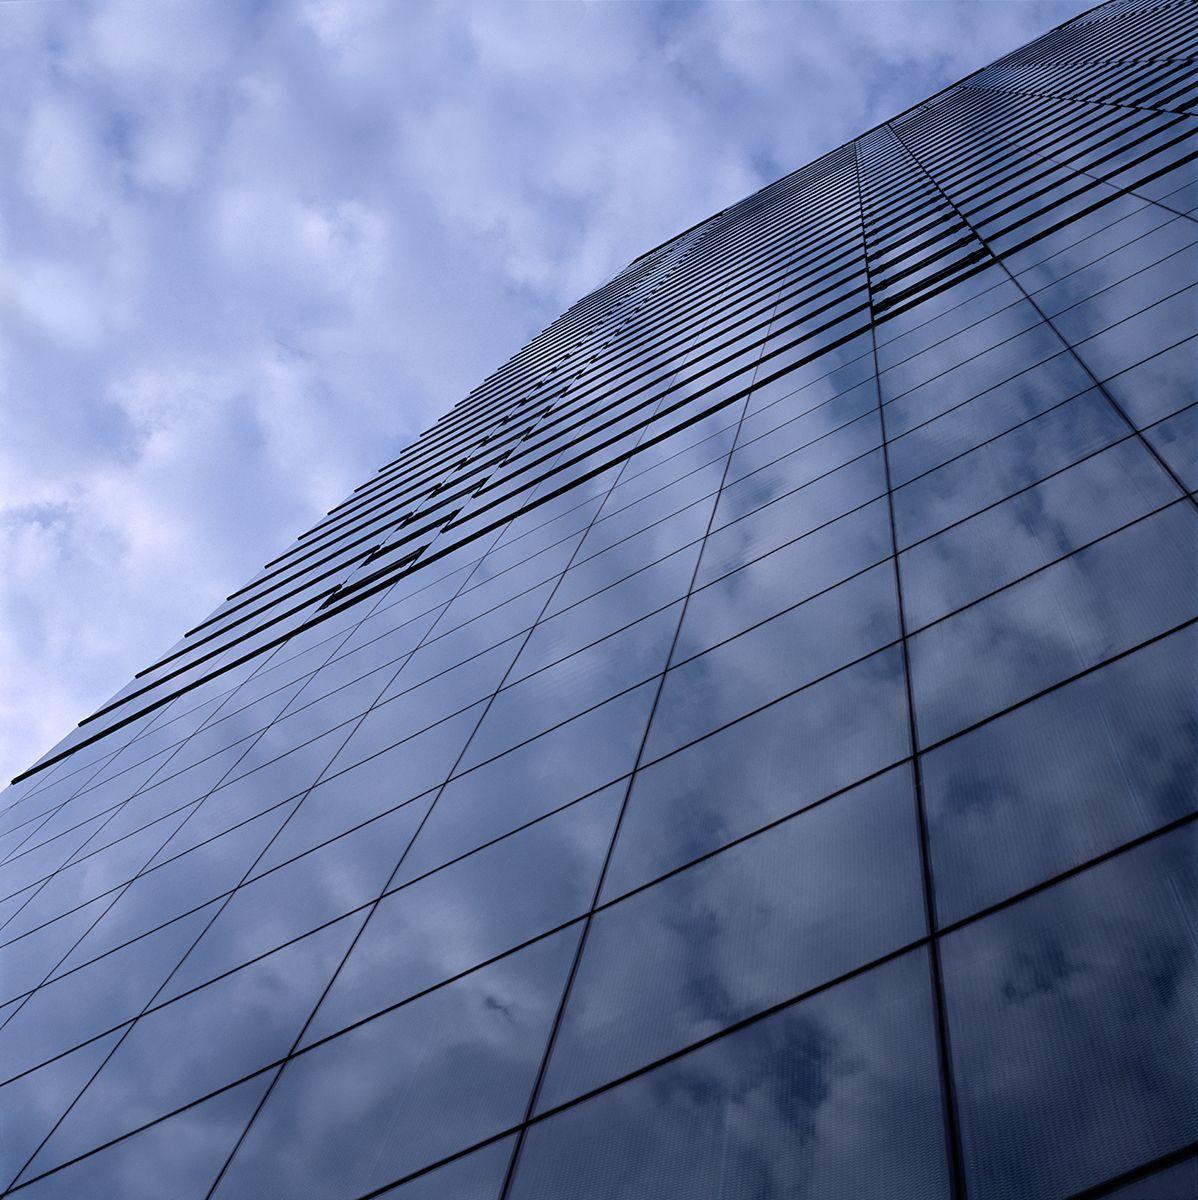 Clouds & Facade copy.jpg